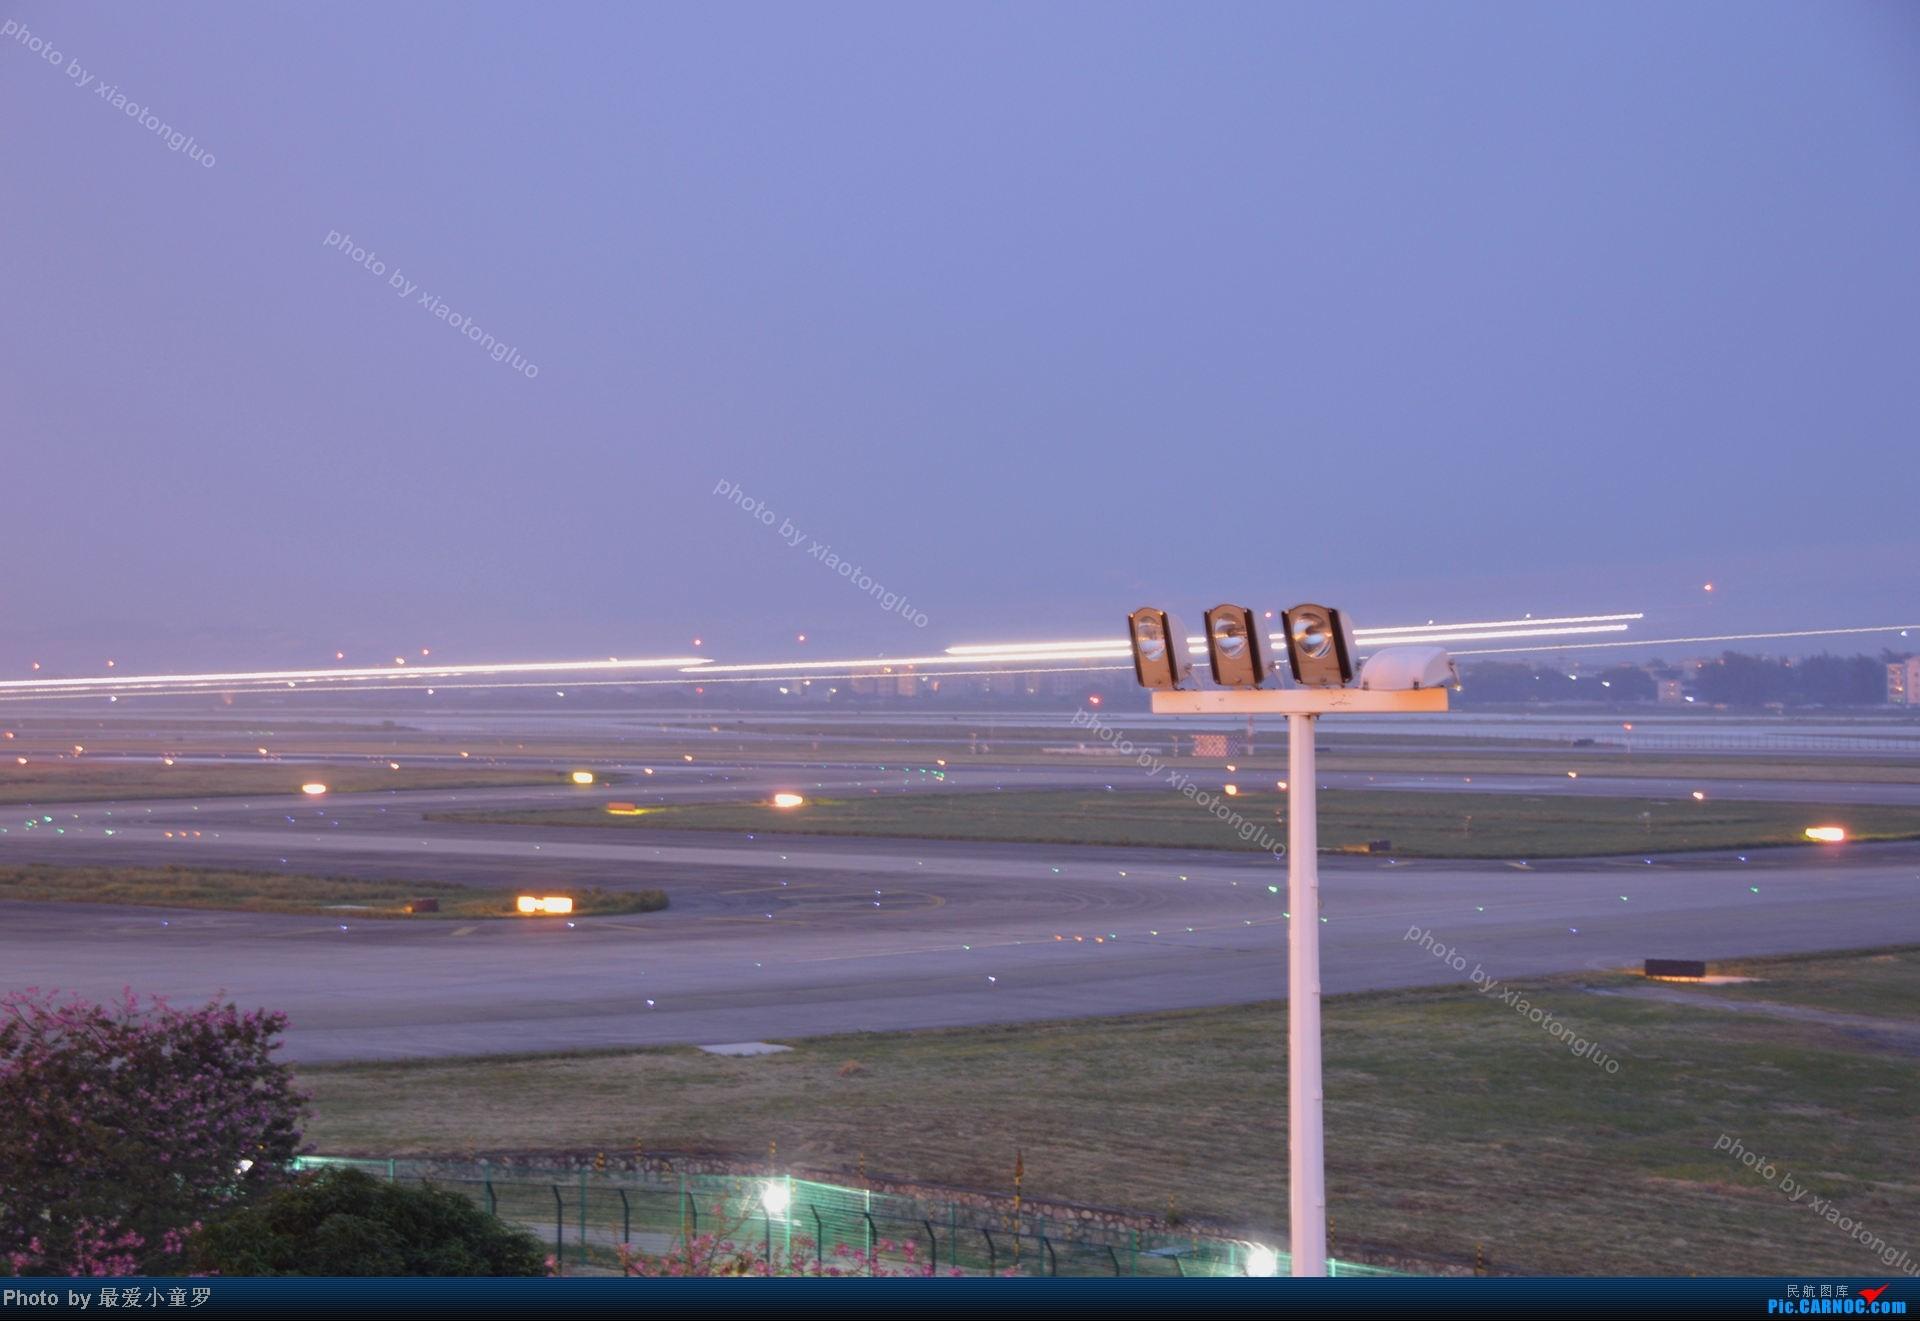 Re:[原创]2014年国庆假期深圳广州四天拍机,多图没怎么修 AIRBUS A380-800 B-6139